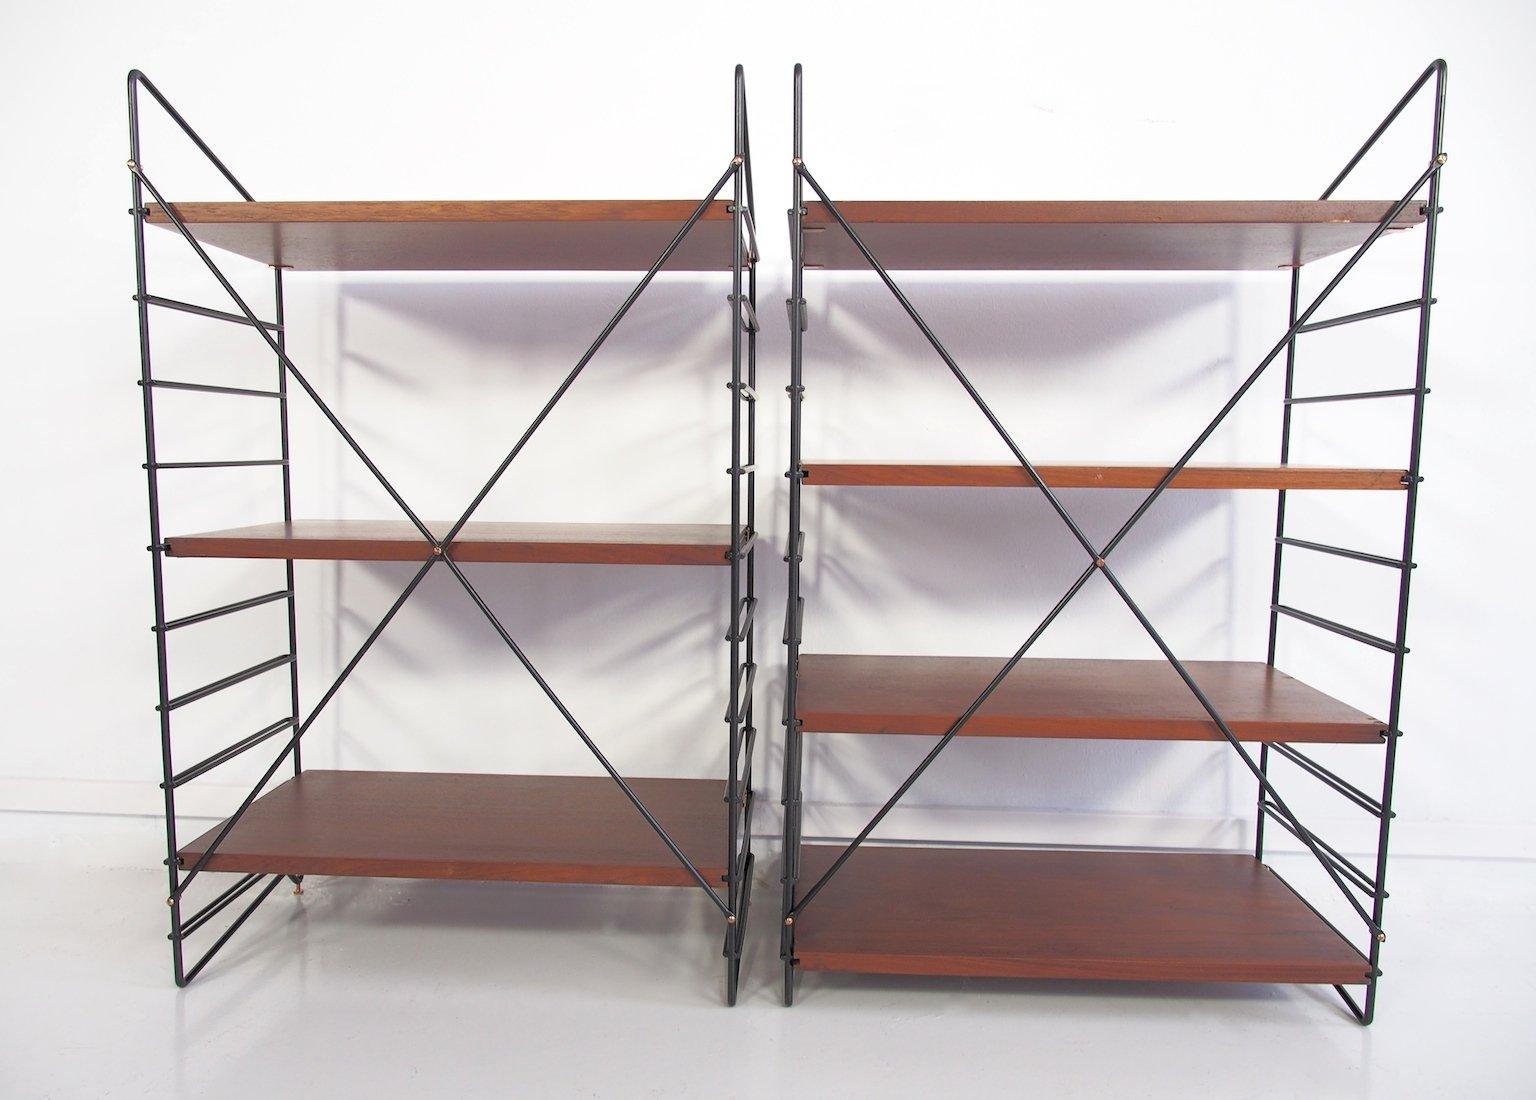 kleine italienische regale aus teak schwarz lackiertem. Black Bedroom Furniture Sets. Home Design Ideas